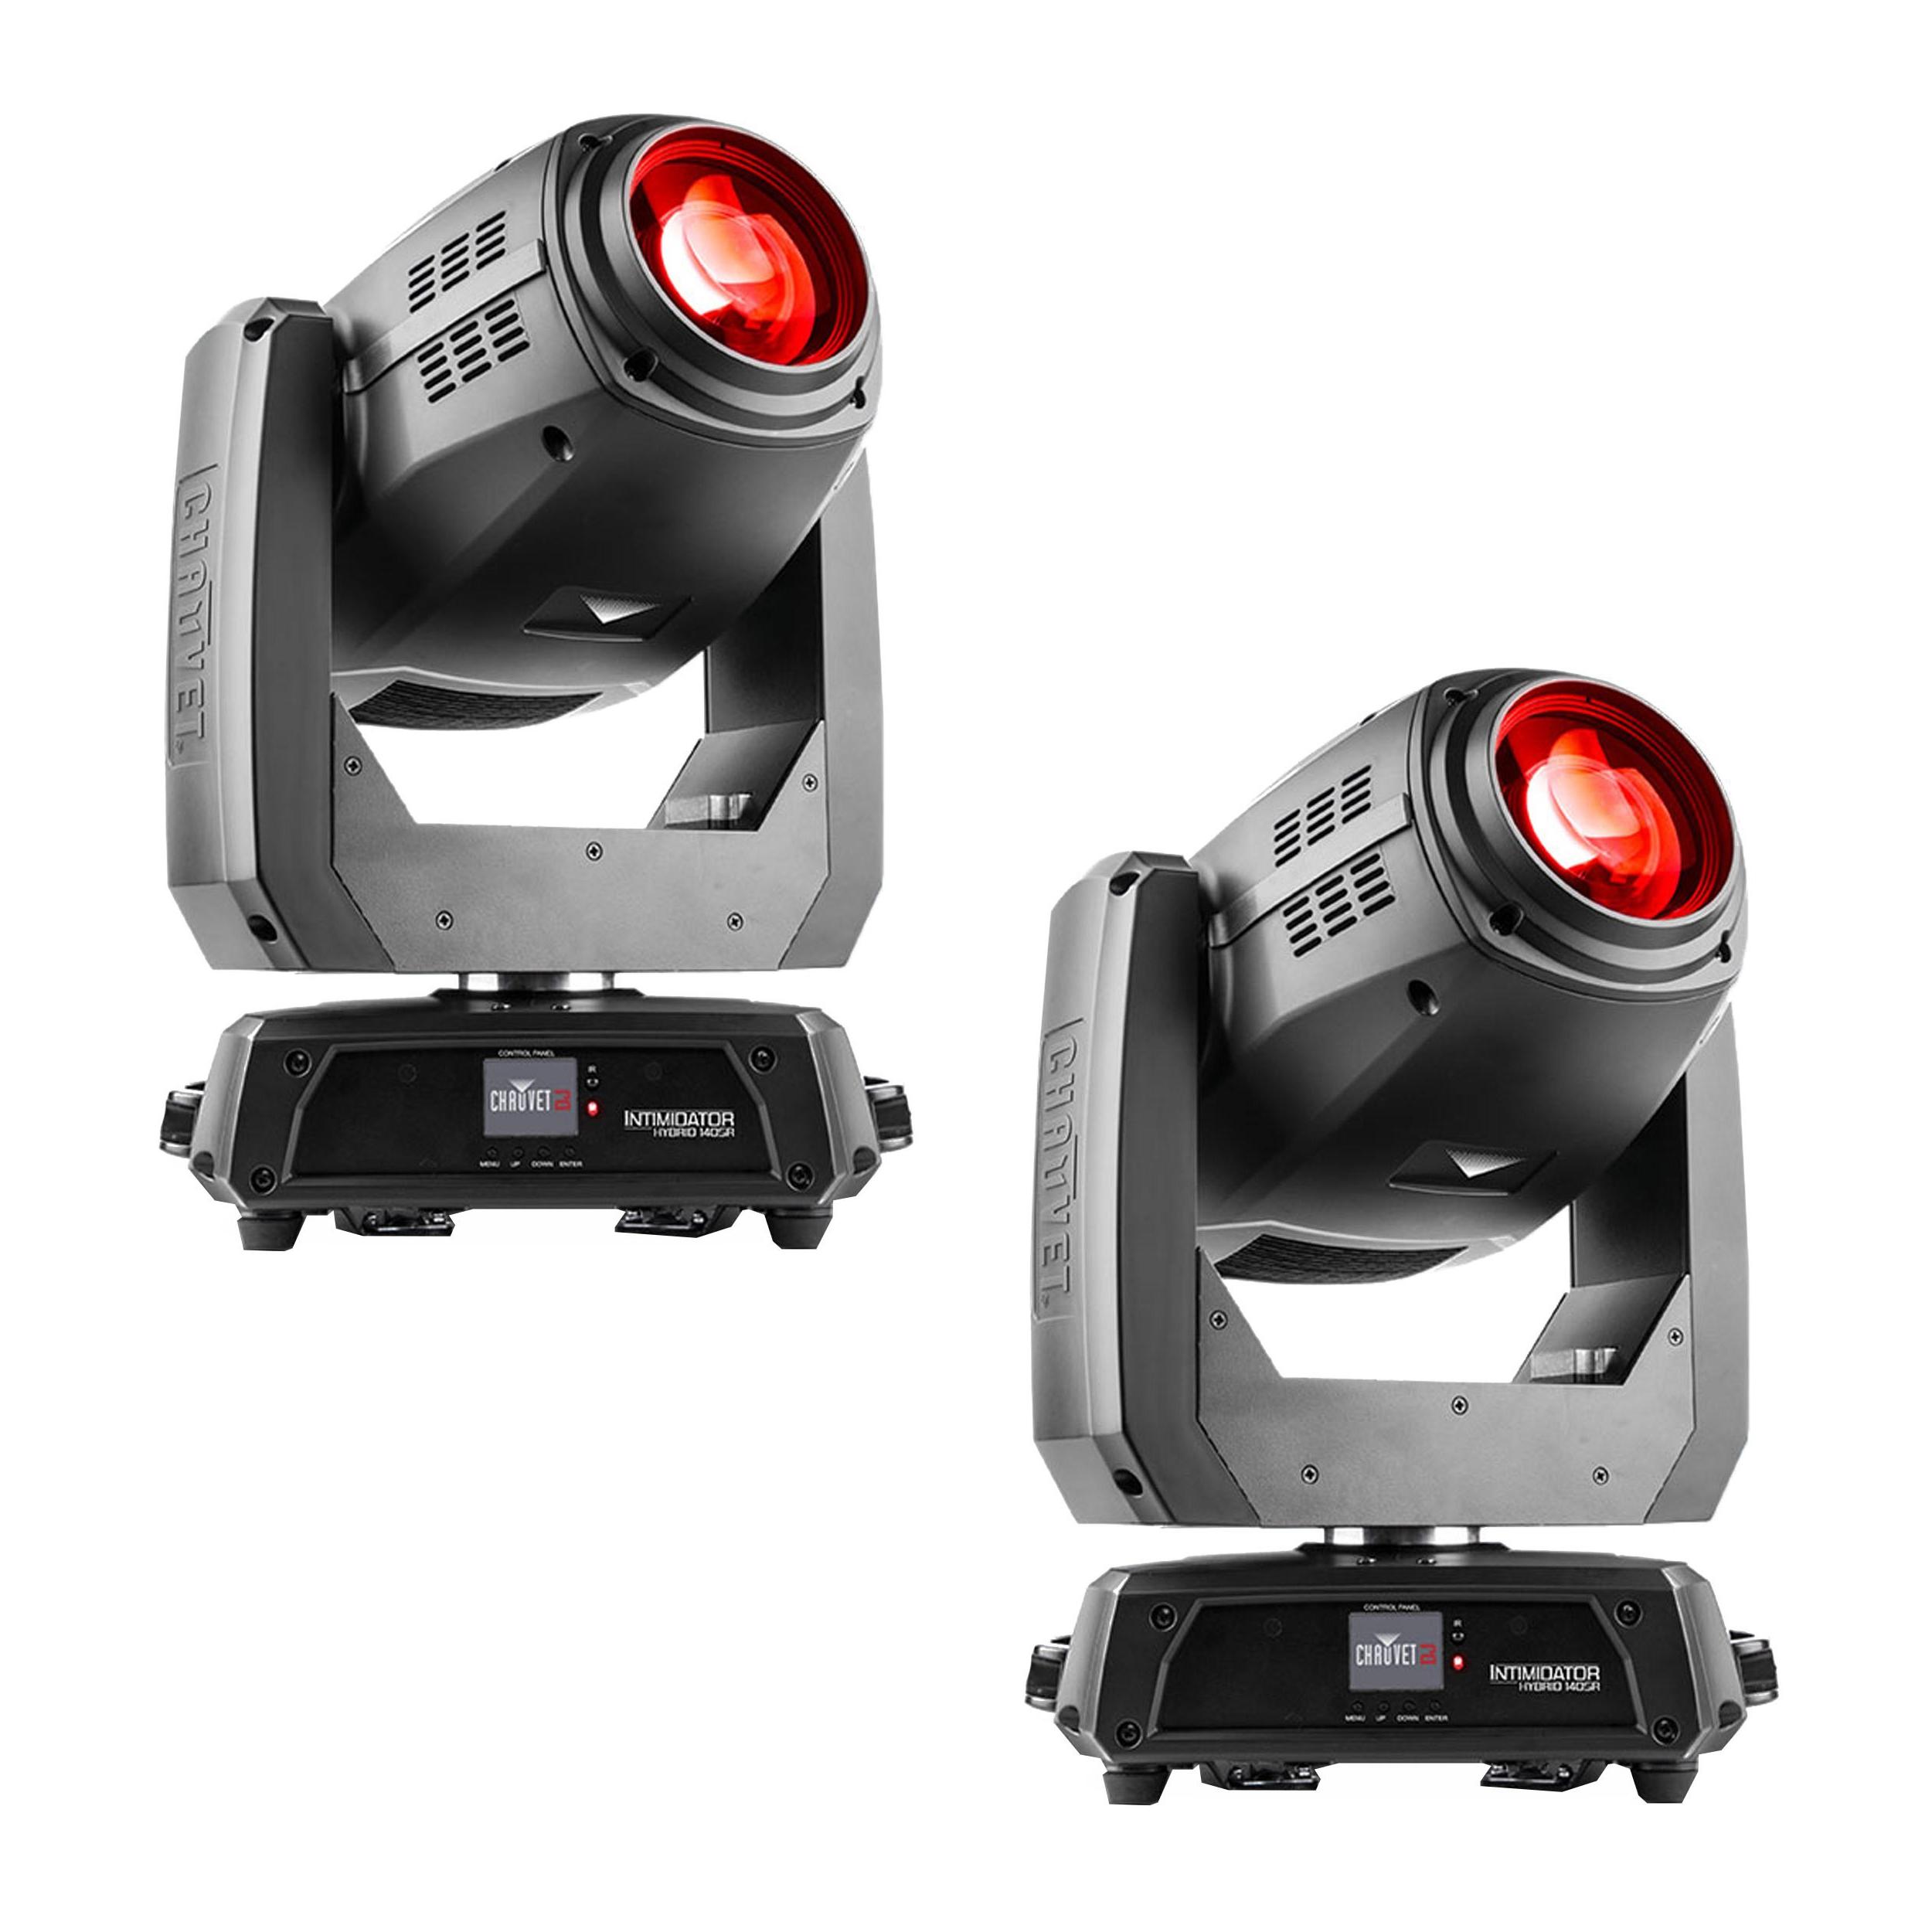 Details about chauvet dj intimidator hybrid 140sr moving head lights black 2 pack